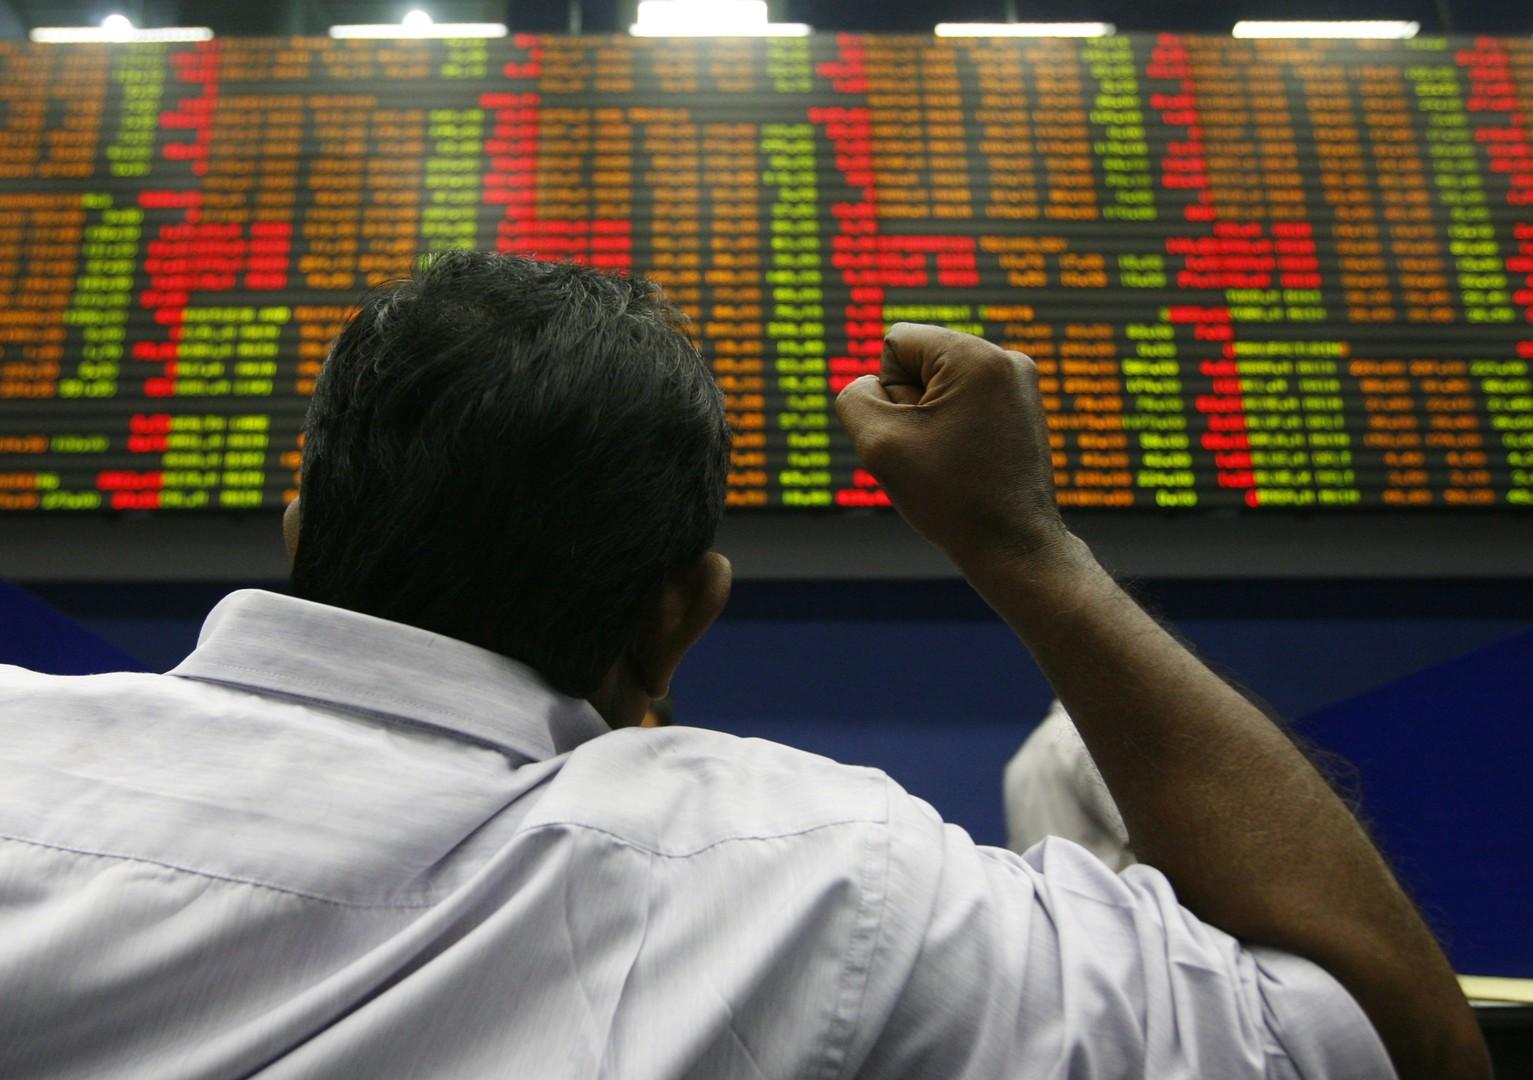 بورصة سريلانكا عند أدنى مستوى في أكثر من 6 سنوات